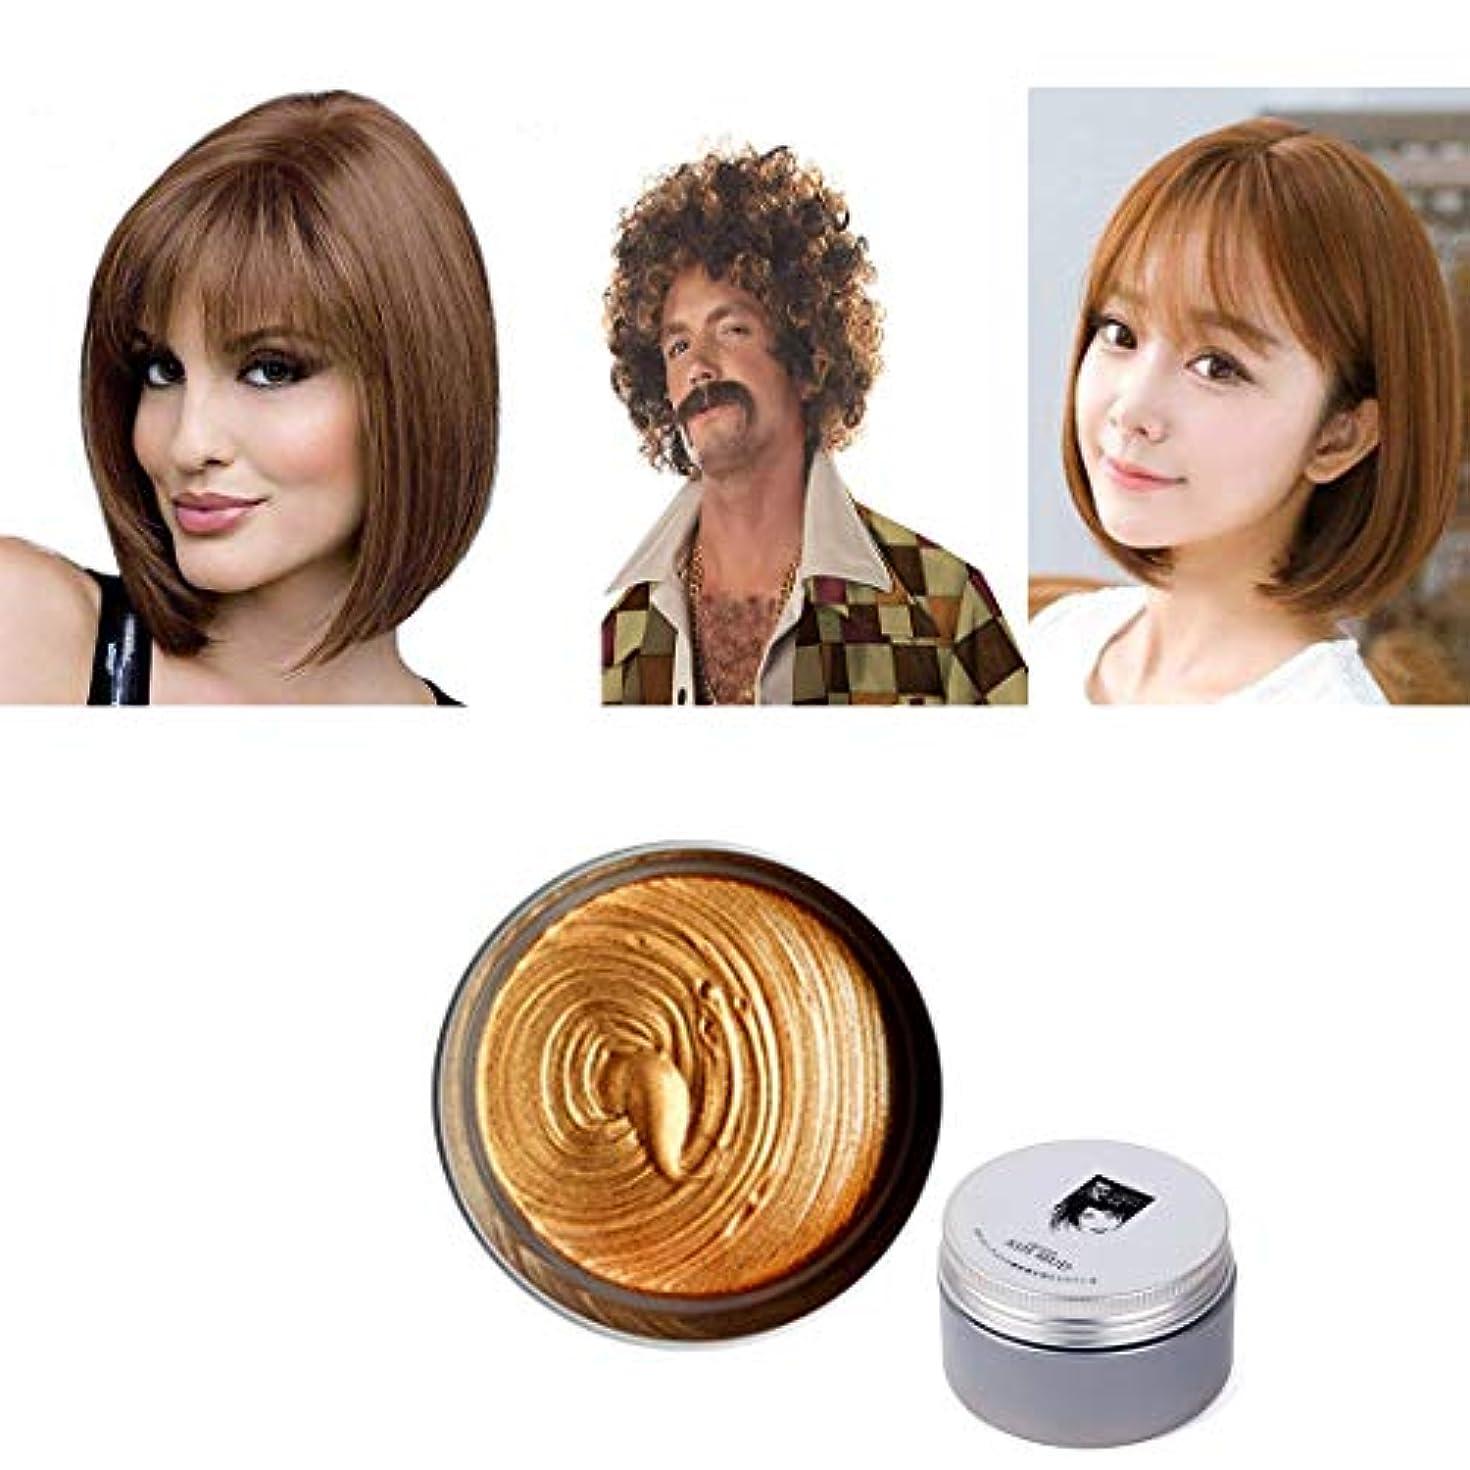 きちんとしたバーゲン従うCOOLTEA ??髪色ワックス、インスタントのヘアワックス、1回限りの一時的な自然な髪型色染料ヘアワックス、DIY粘土スタイリングスタイリングヘアワックスハロウィーンパーティー、コスプレ、日常生活用(ブラウン)